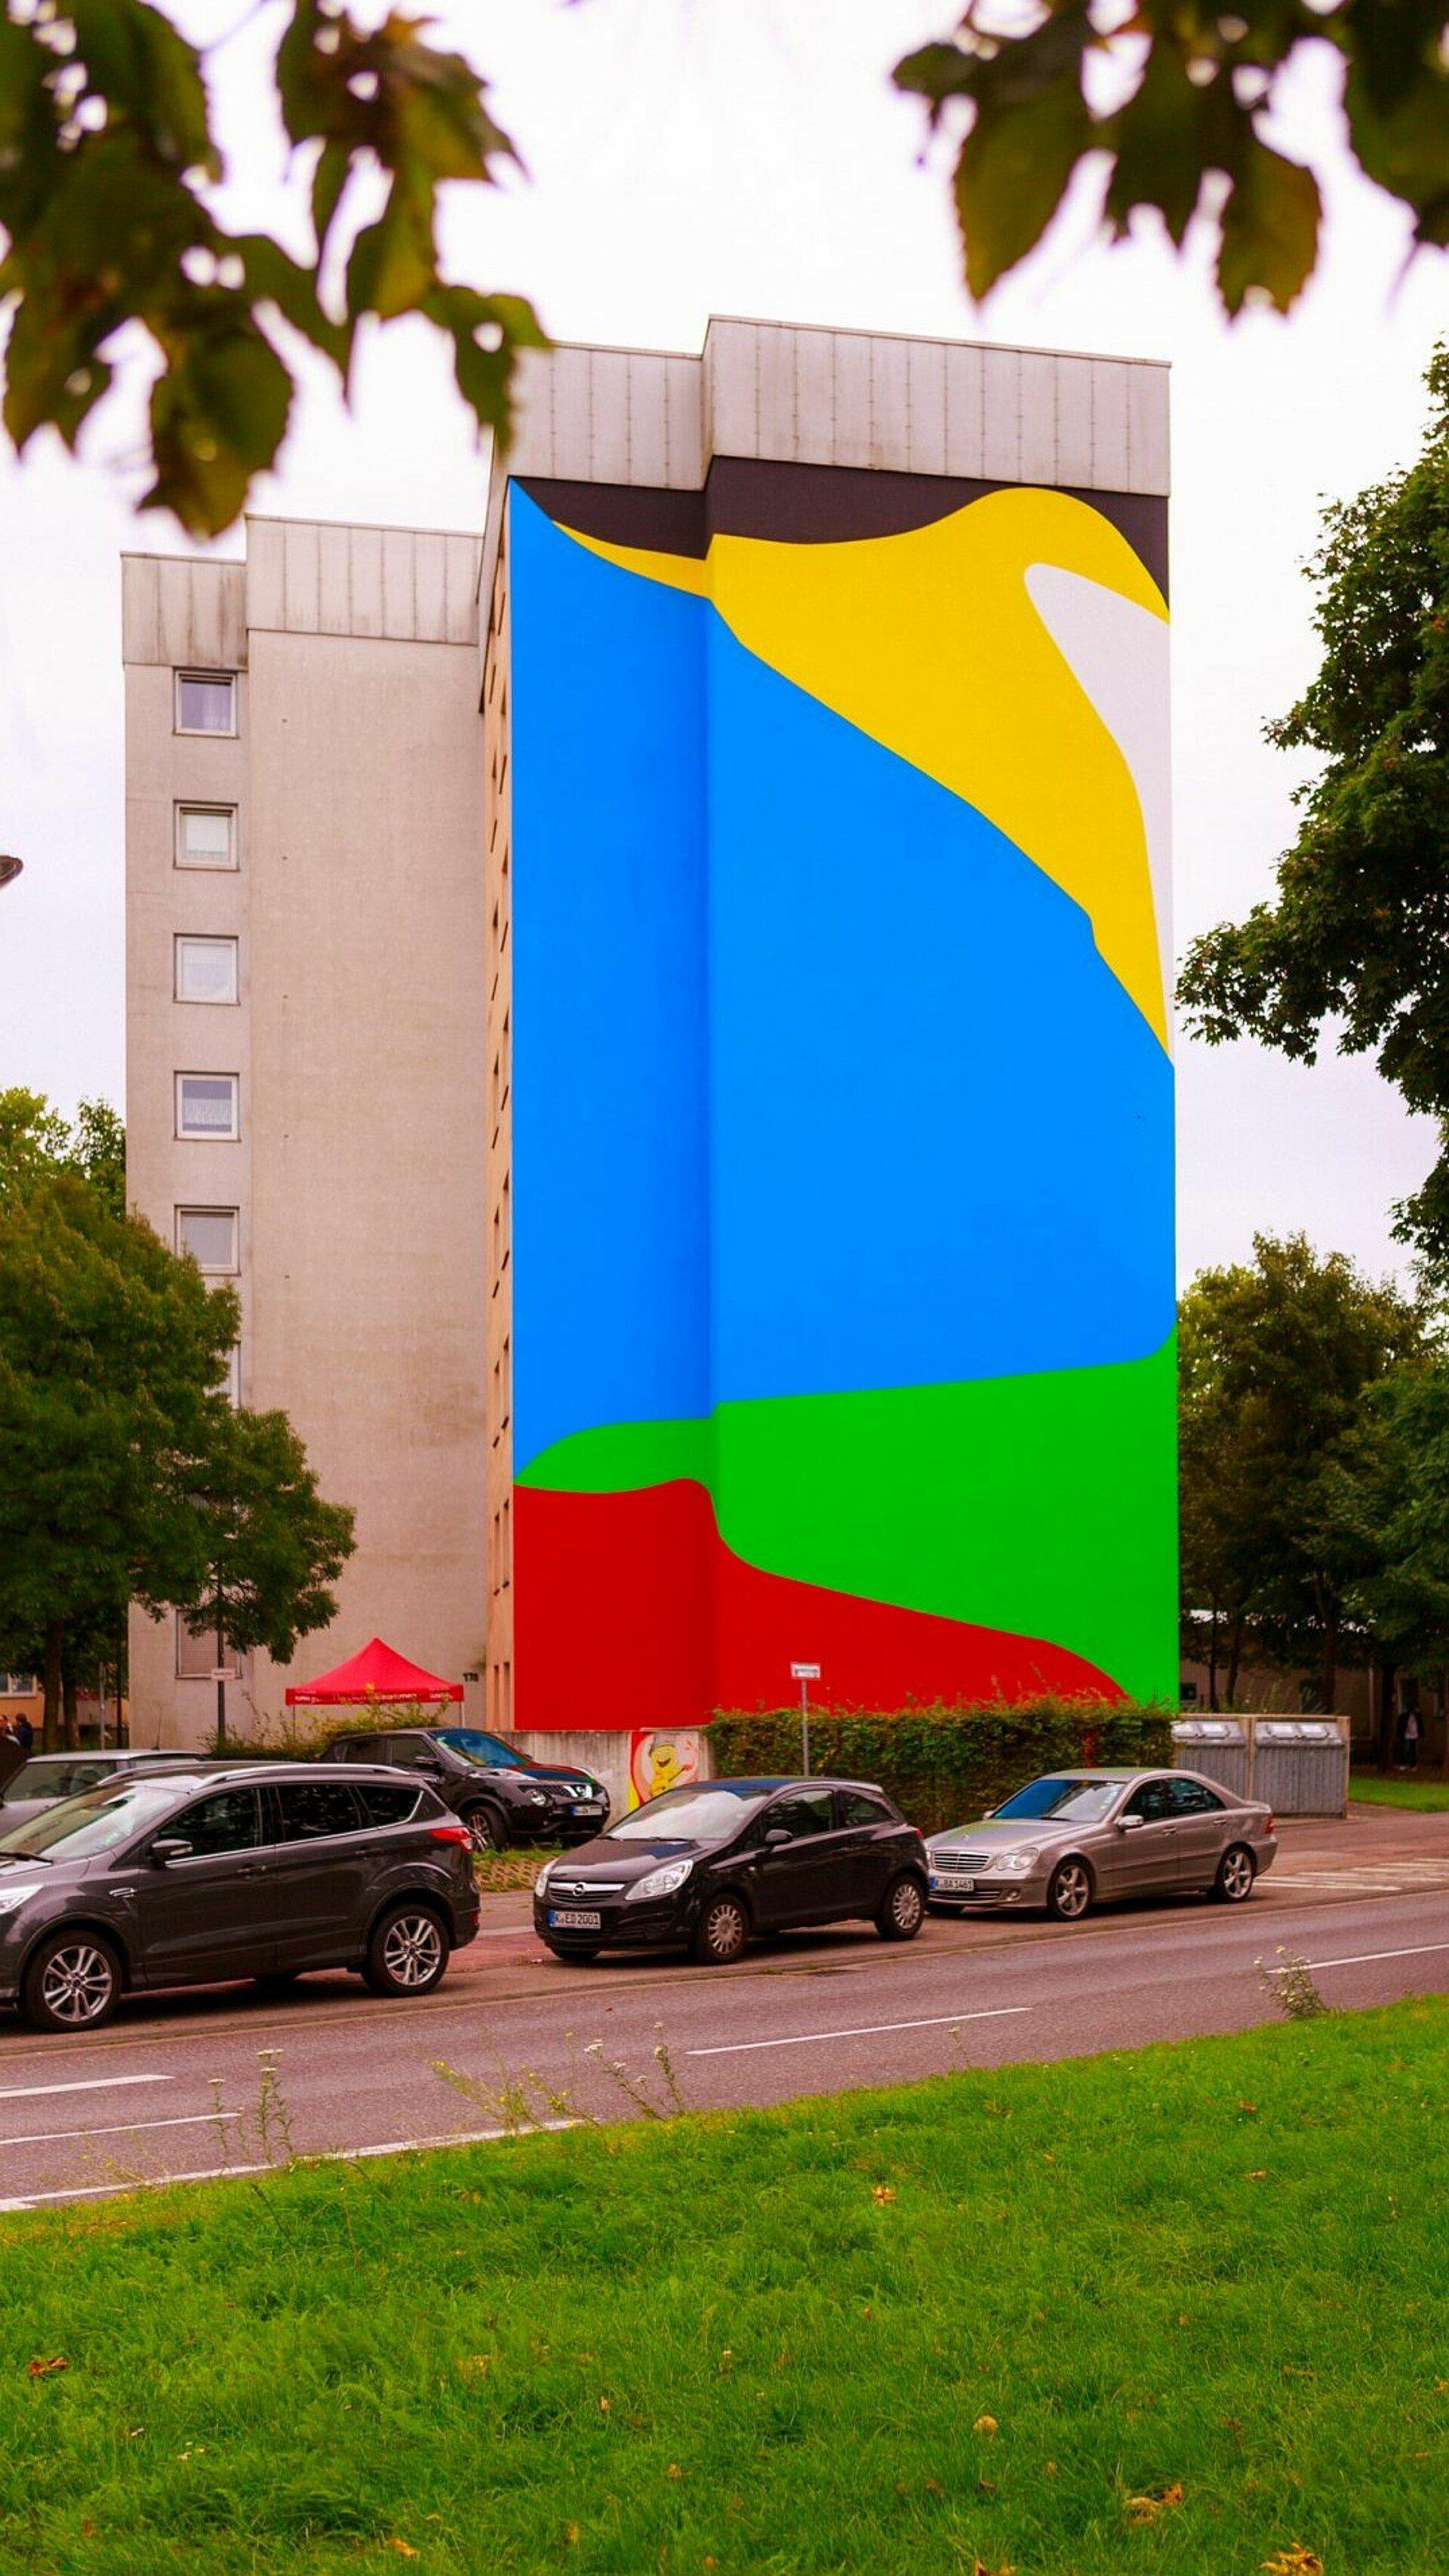 Mural mit kräftigen Farben in Mülheim